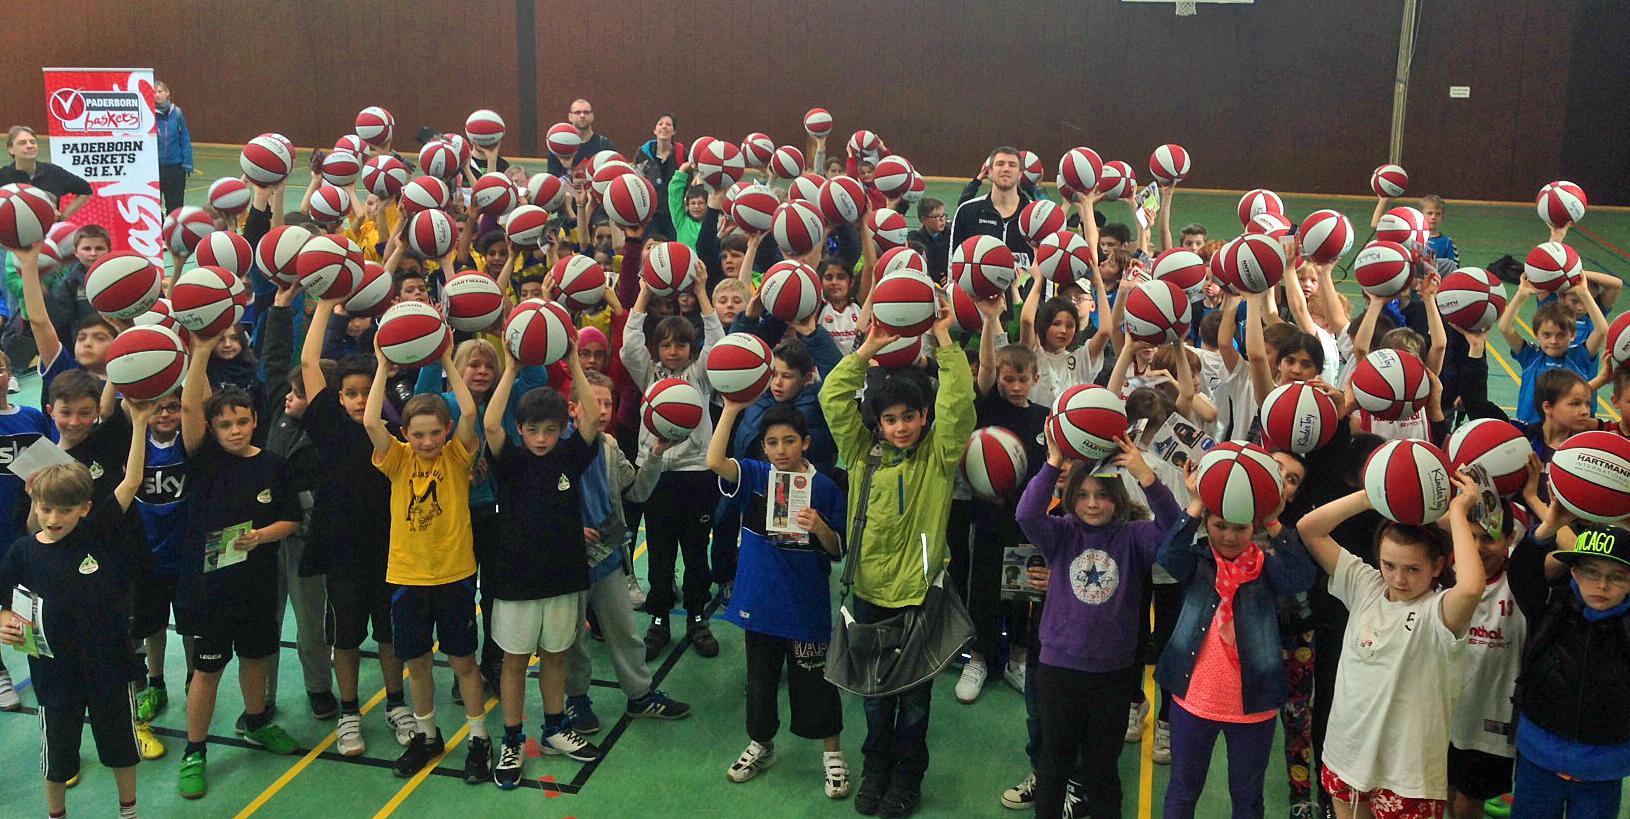 Die Schüler zeigten sich von der Ballspende von Hartmann sichtlich begeistert